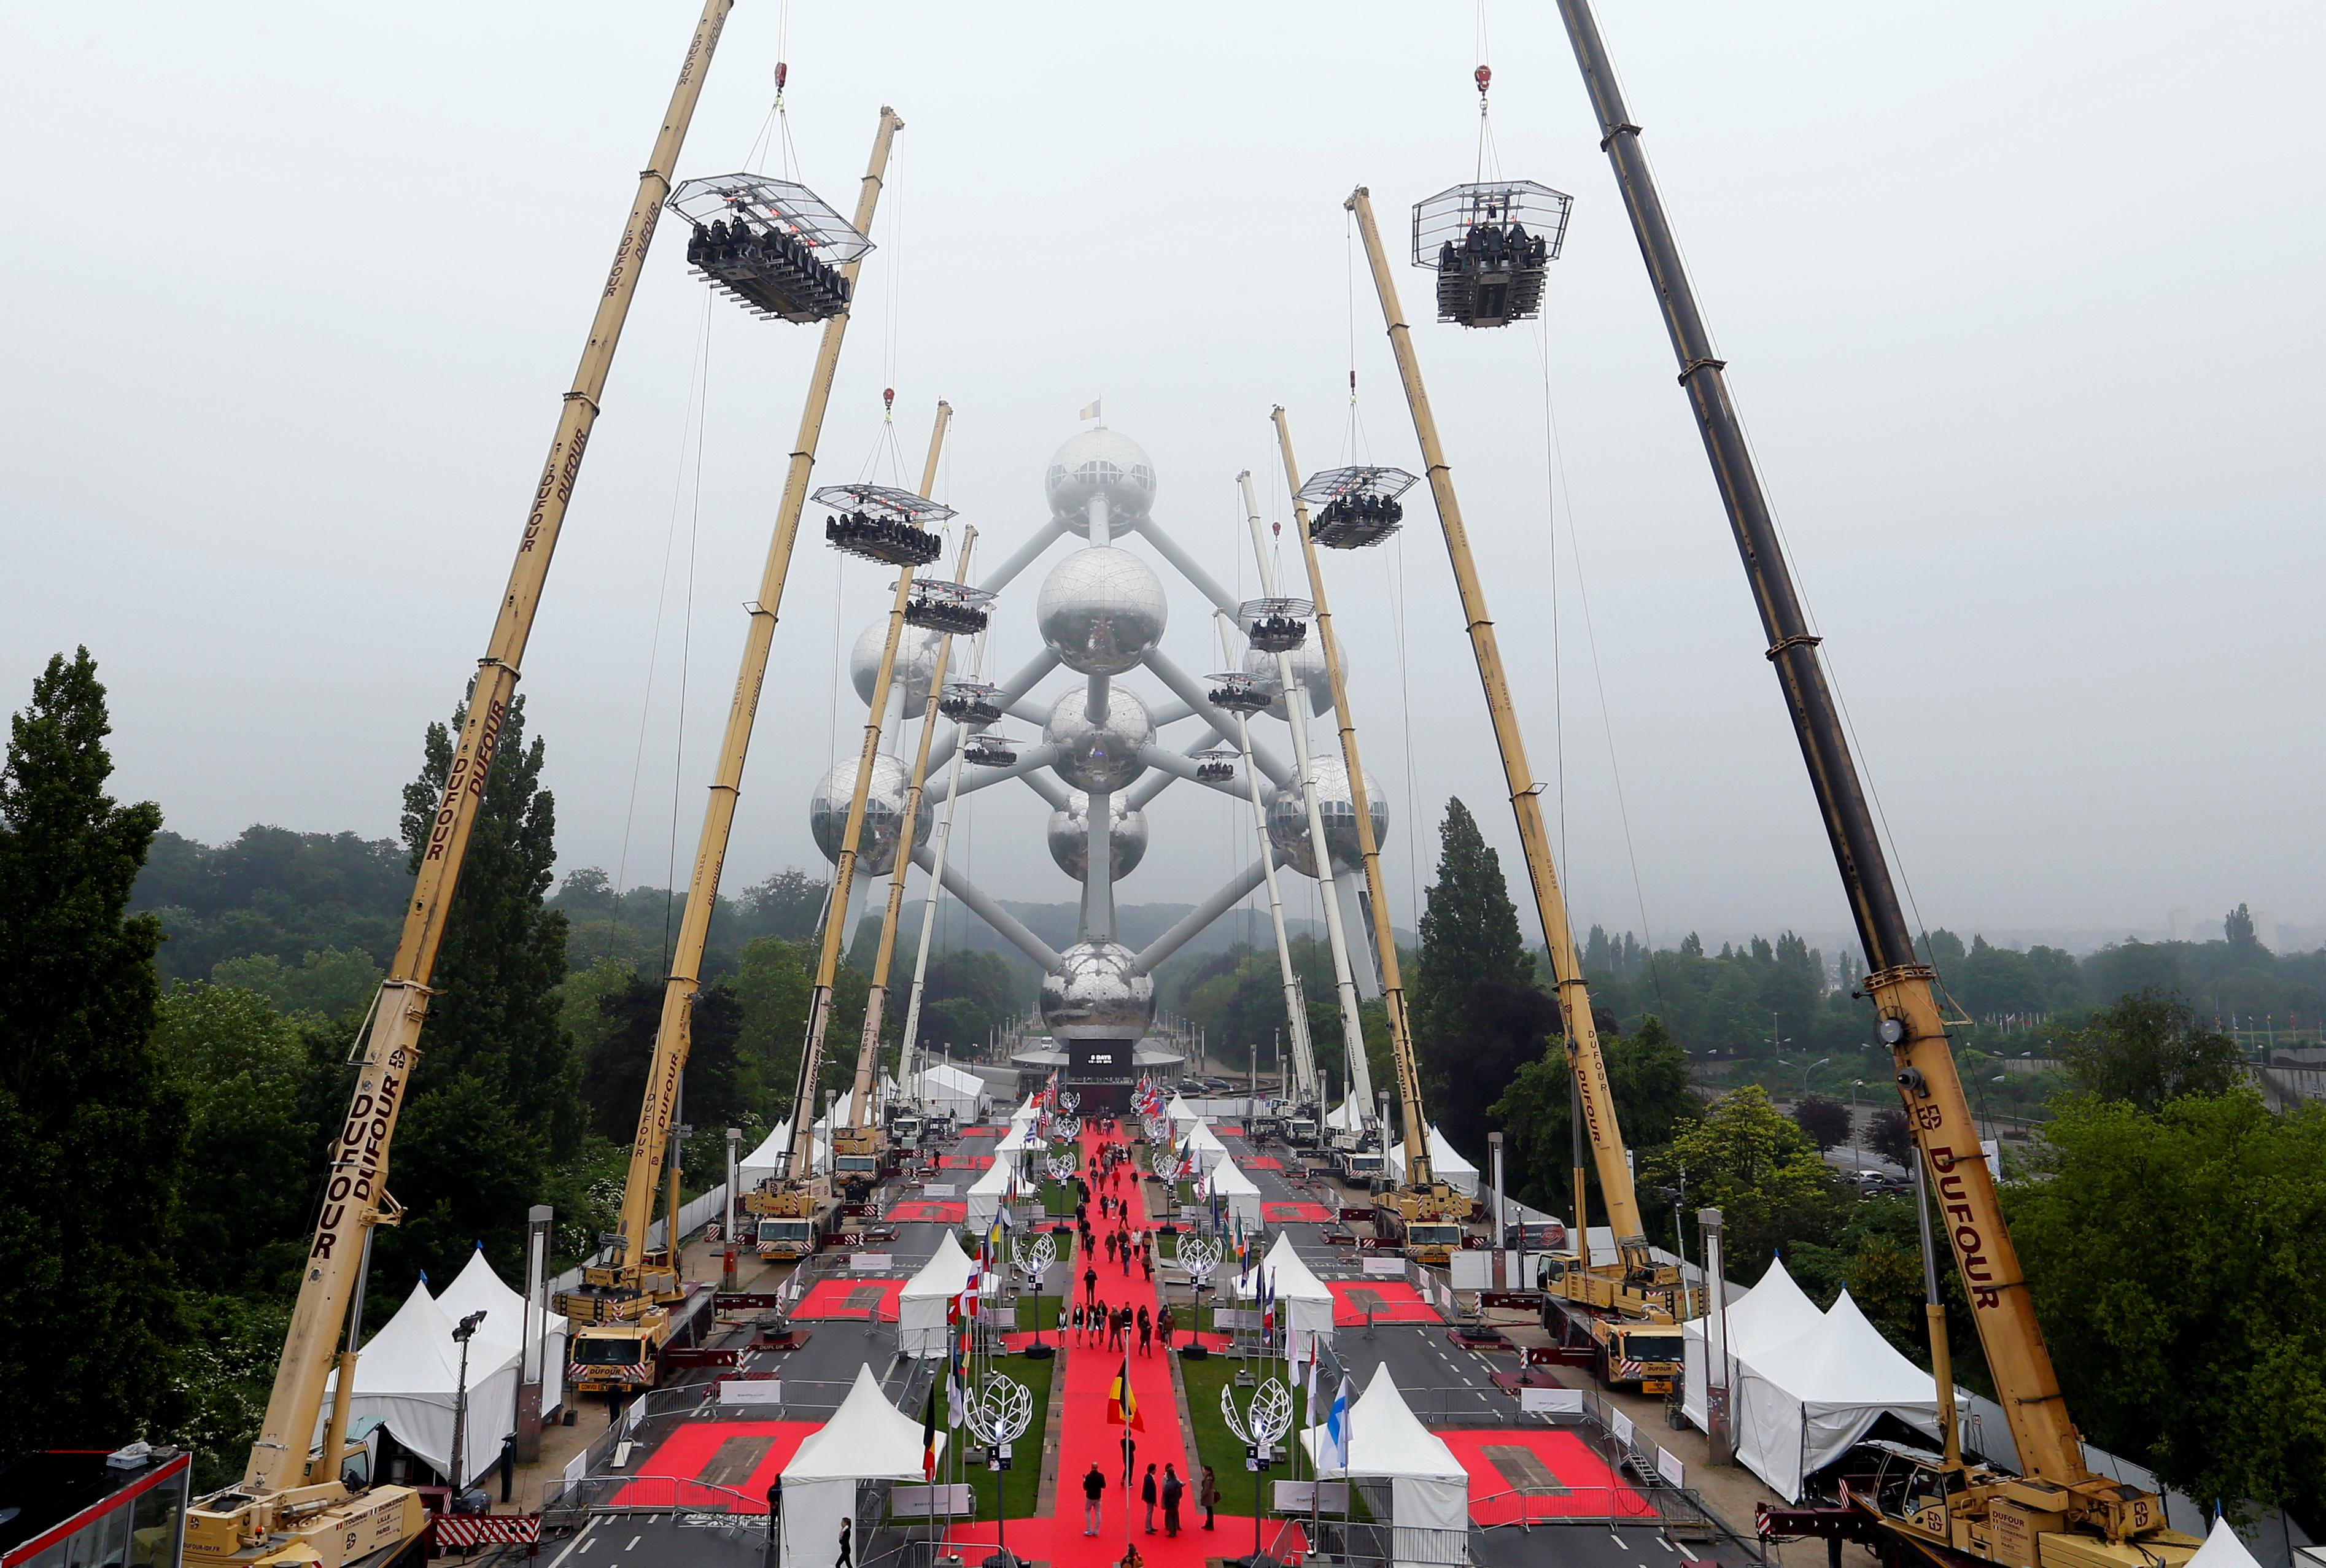 BRUSSEL, BELGIA: Ti bord med tilsammen 220 middagsgjester ble løftet 40 meter over bakken av heisekraner for å markere 10-årsjubileet for en begivenhet kalt «Dinner in the Sky». FOTO: Yves Herman / NTB scanpix